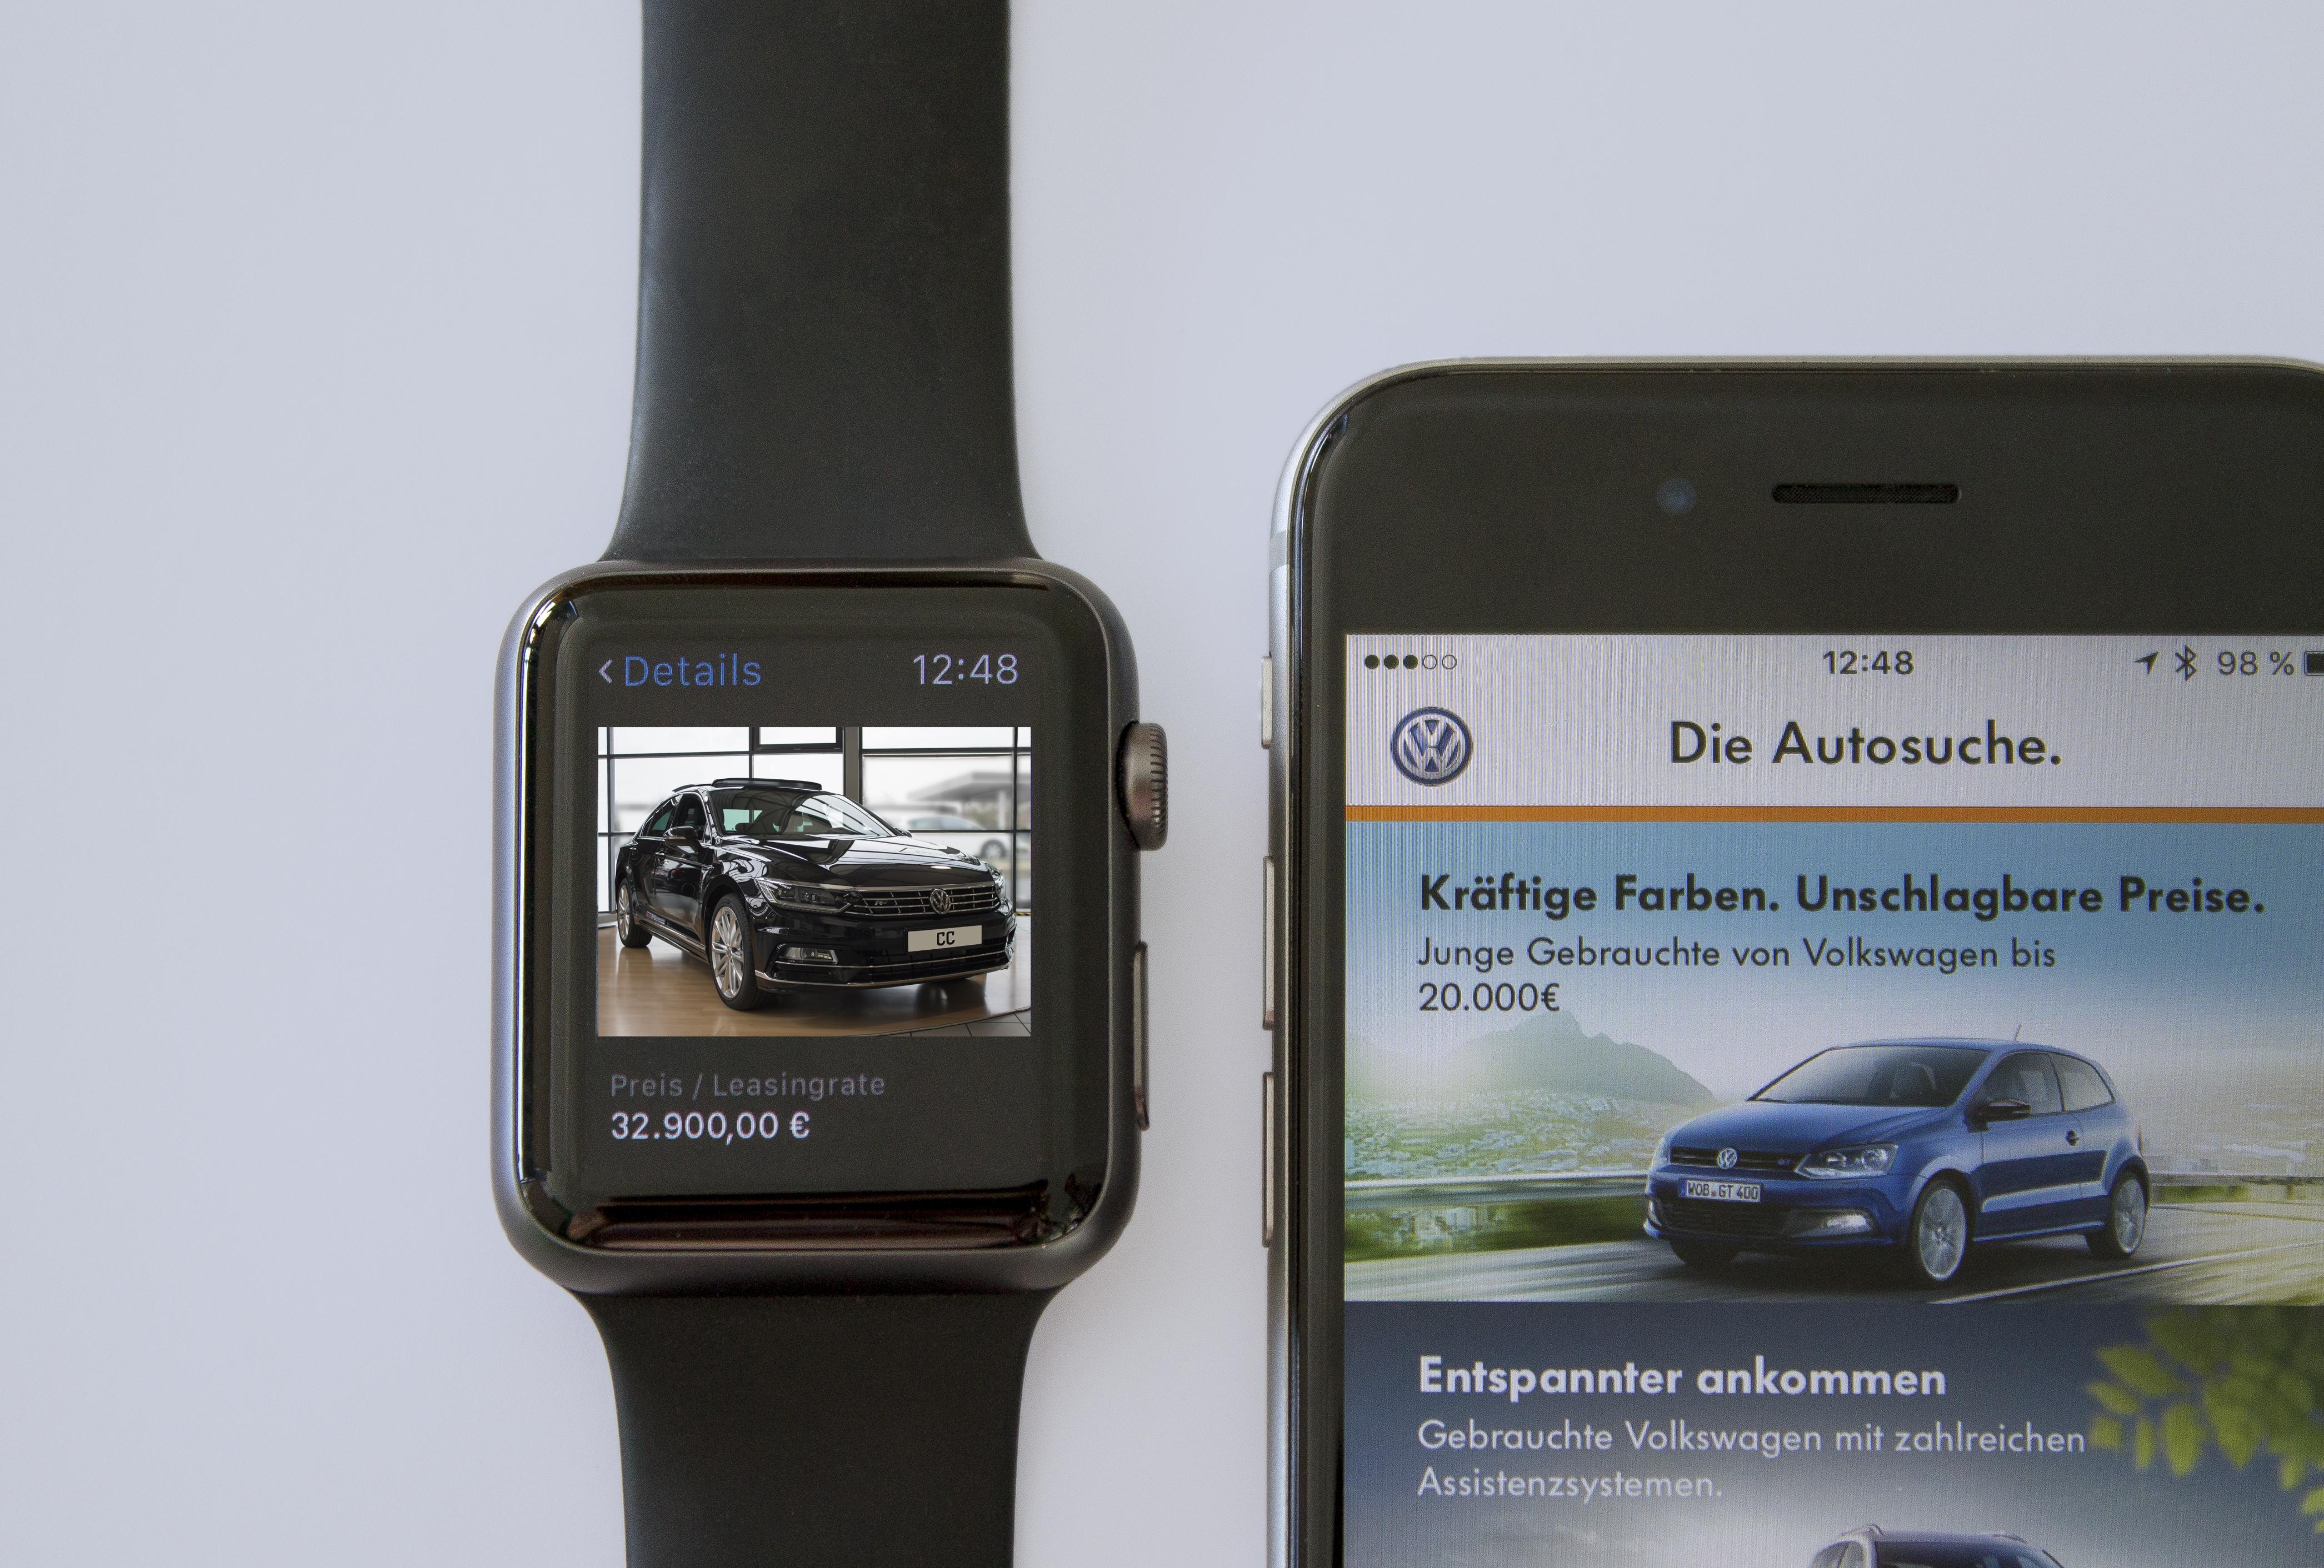 Autosuche via Smartphone und Apple Watch